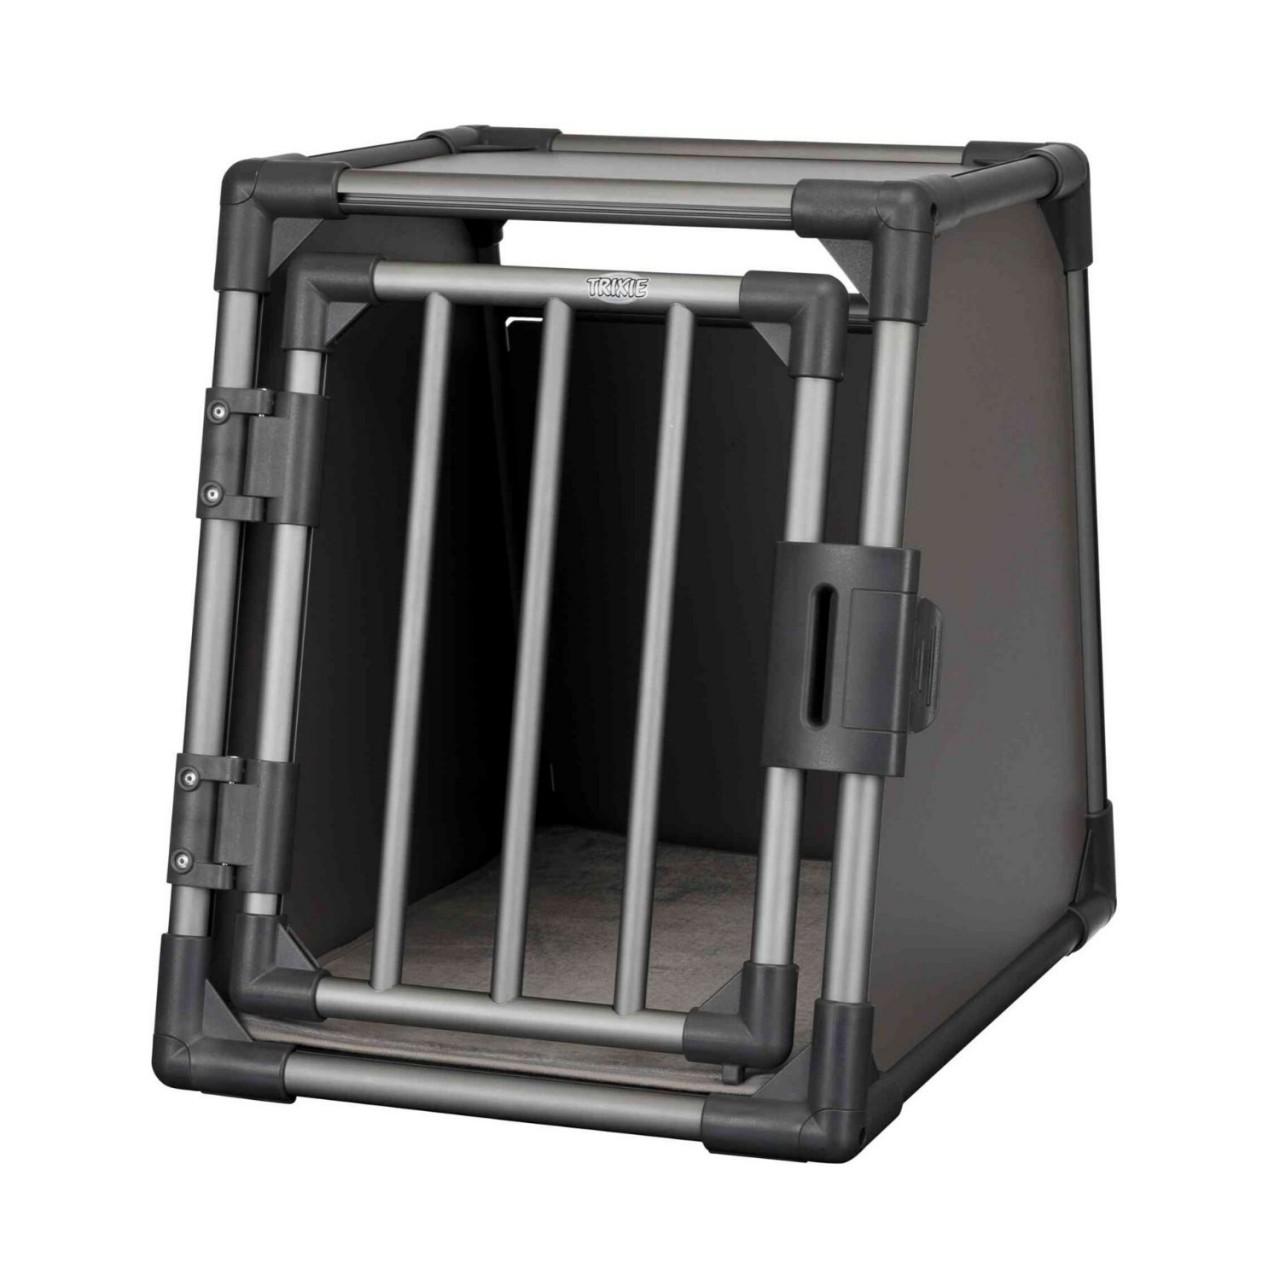 trixie transportbox aluminium va 001 1280x1280